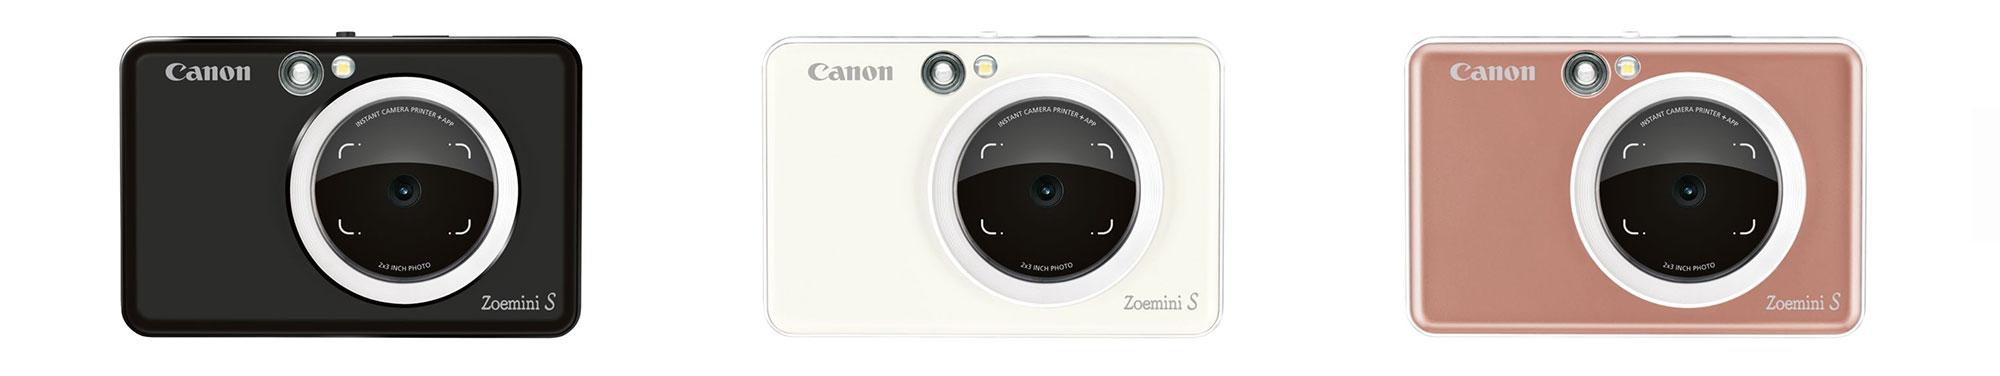 Canon Zoemini Hire